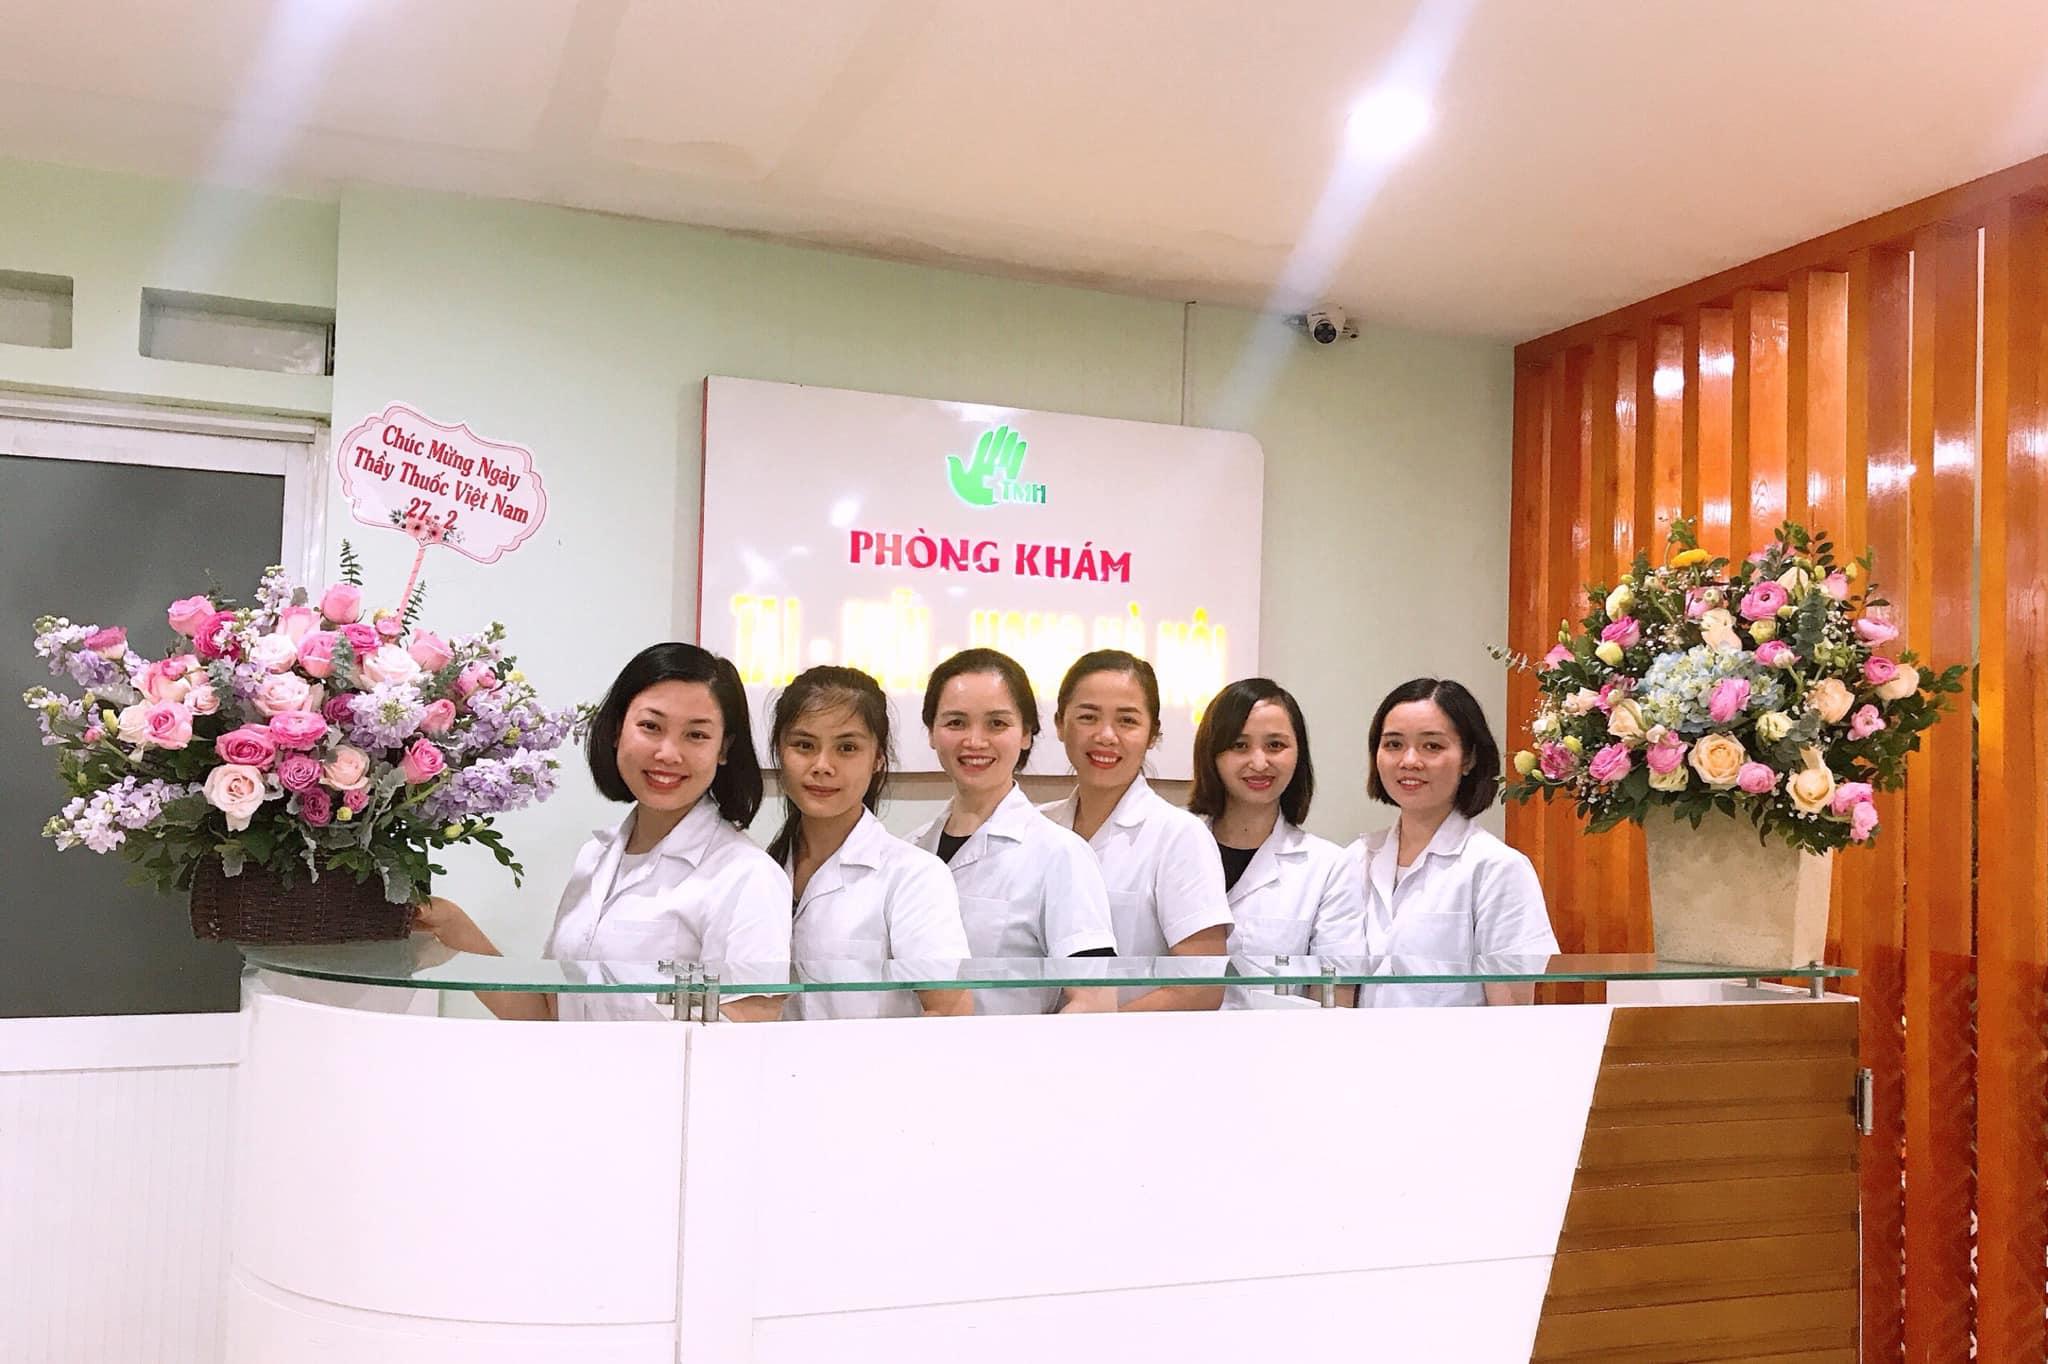 Đội ngũ y bác sỹ phòng khám chuyên tai mũi họng Hà Nội